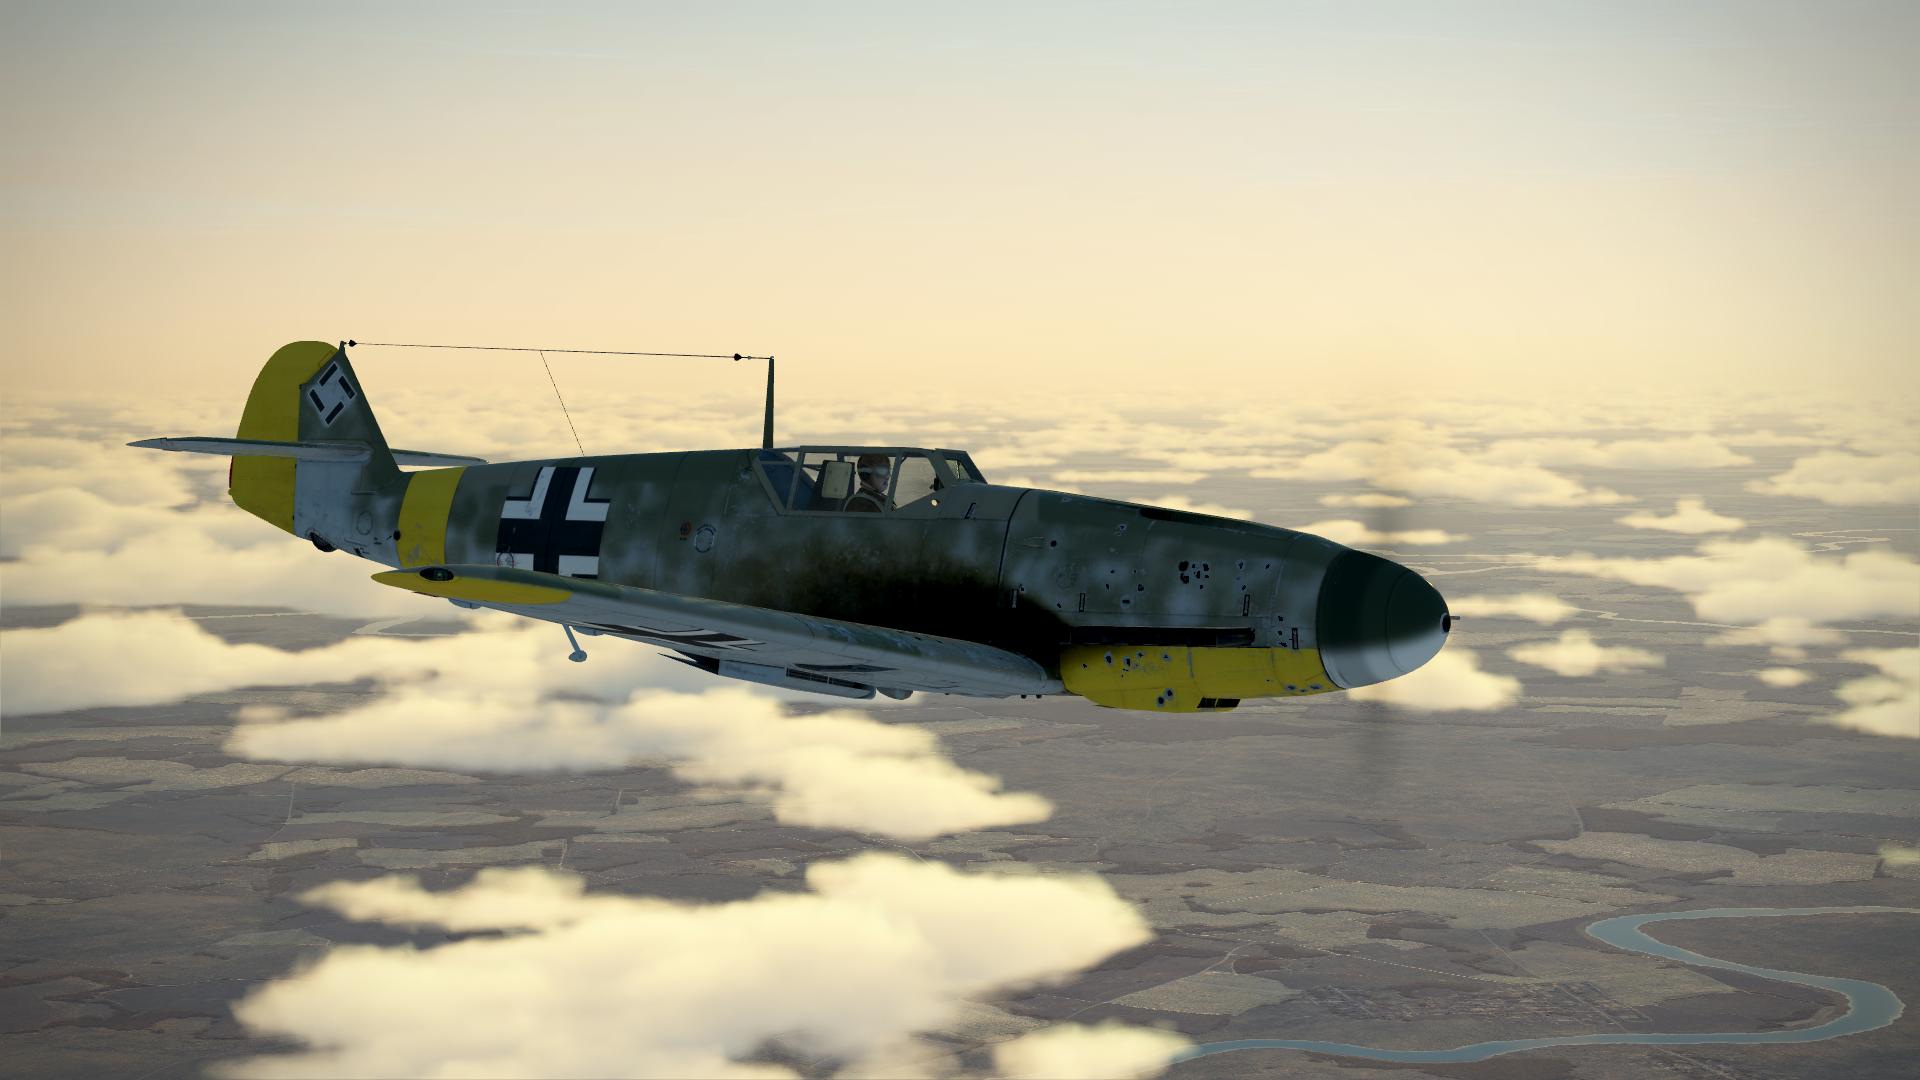 IL-2 Sturmovik Battle of Stalingrad Screenshot 2019.12.26 - 18.45.53.71.png